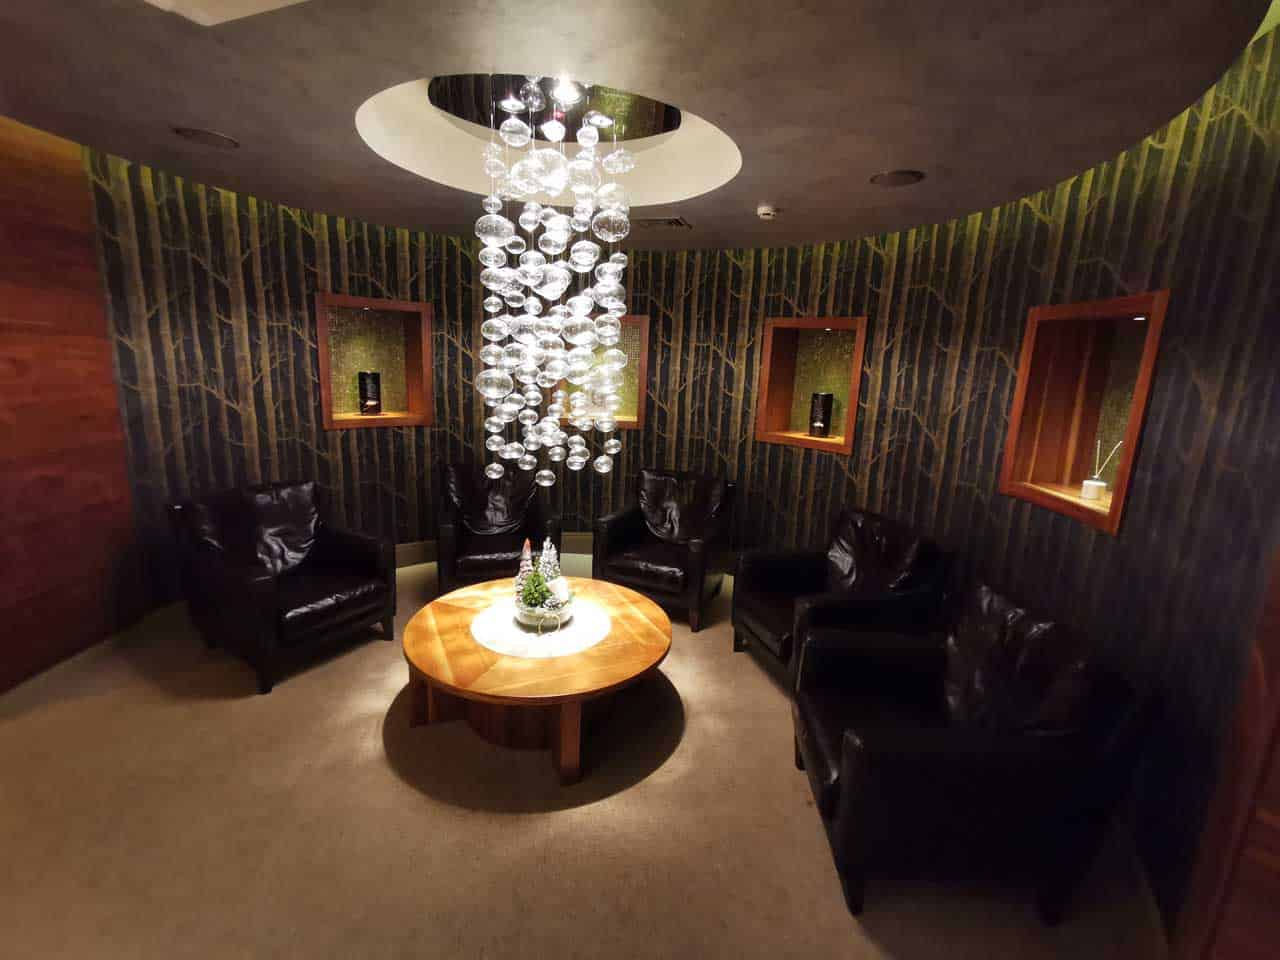 Wartebereich Spa Vilnius (Litauen Spa Hotel)